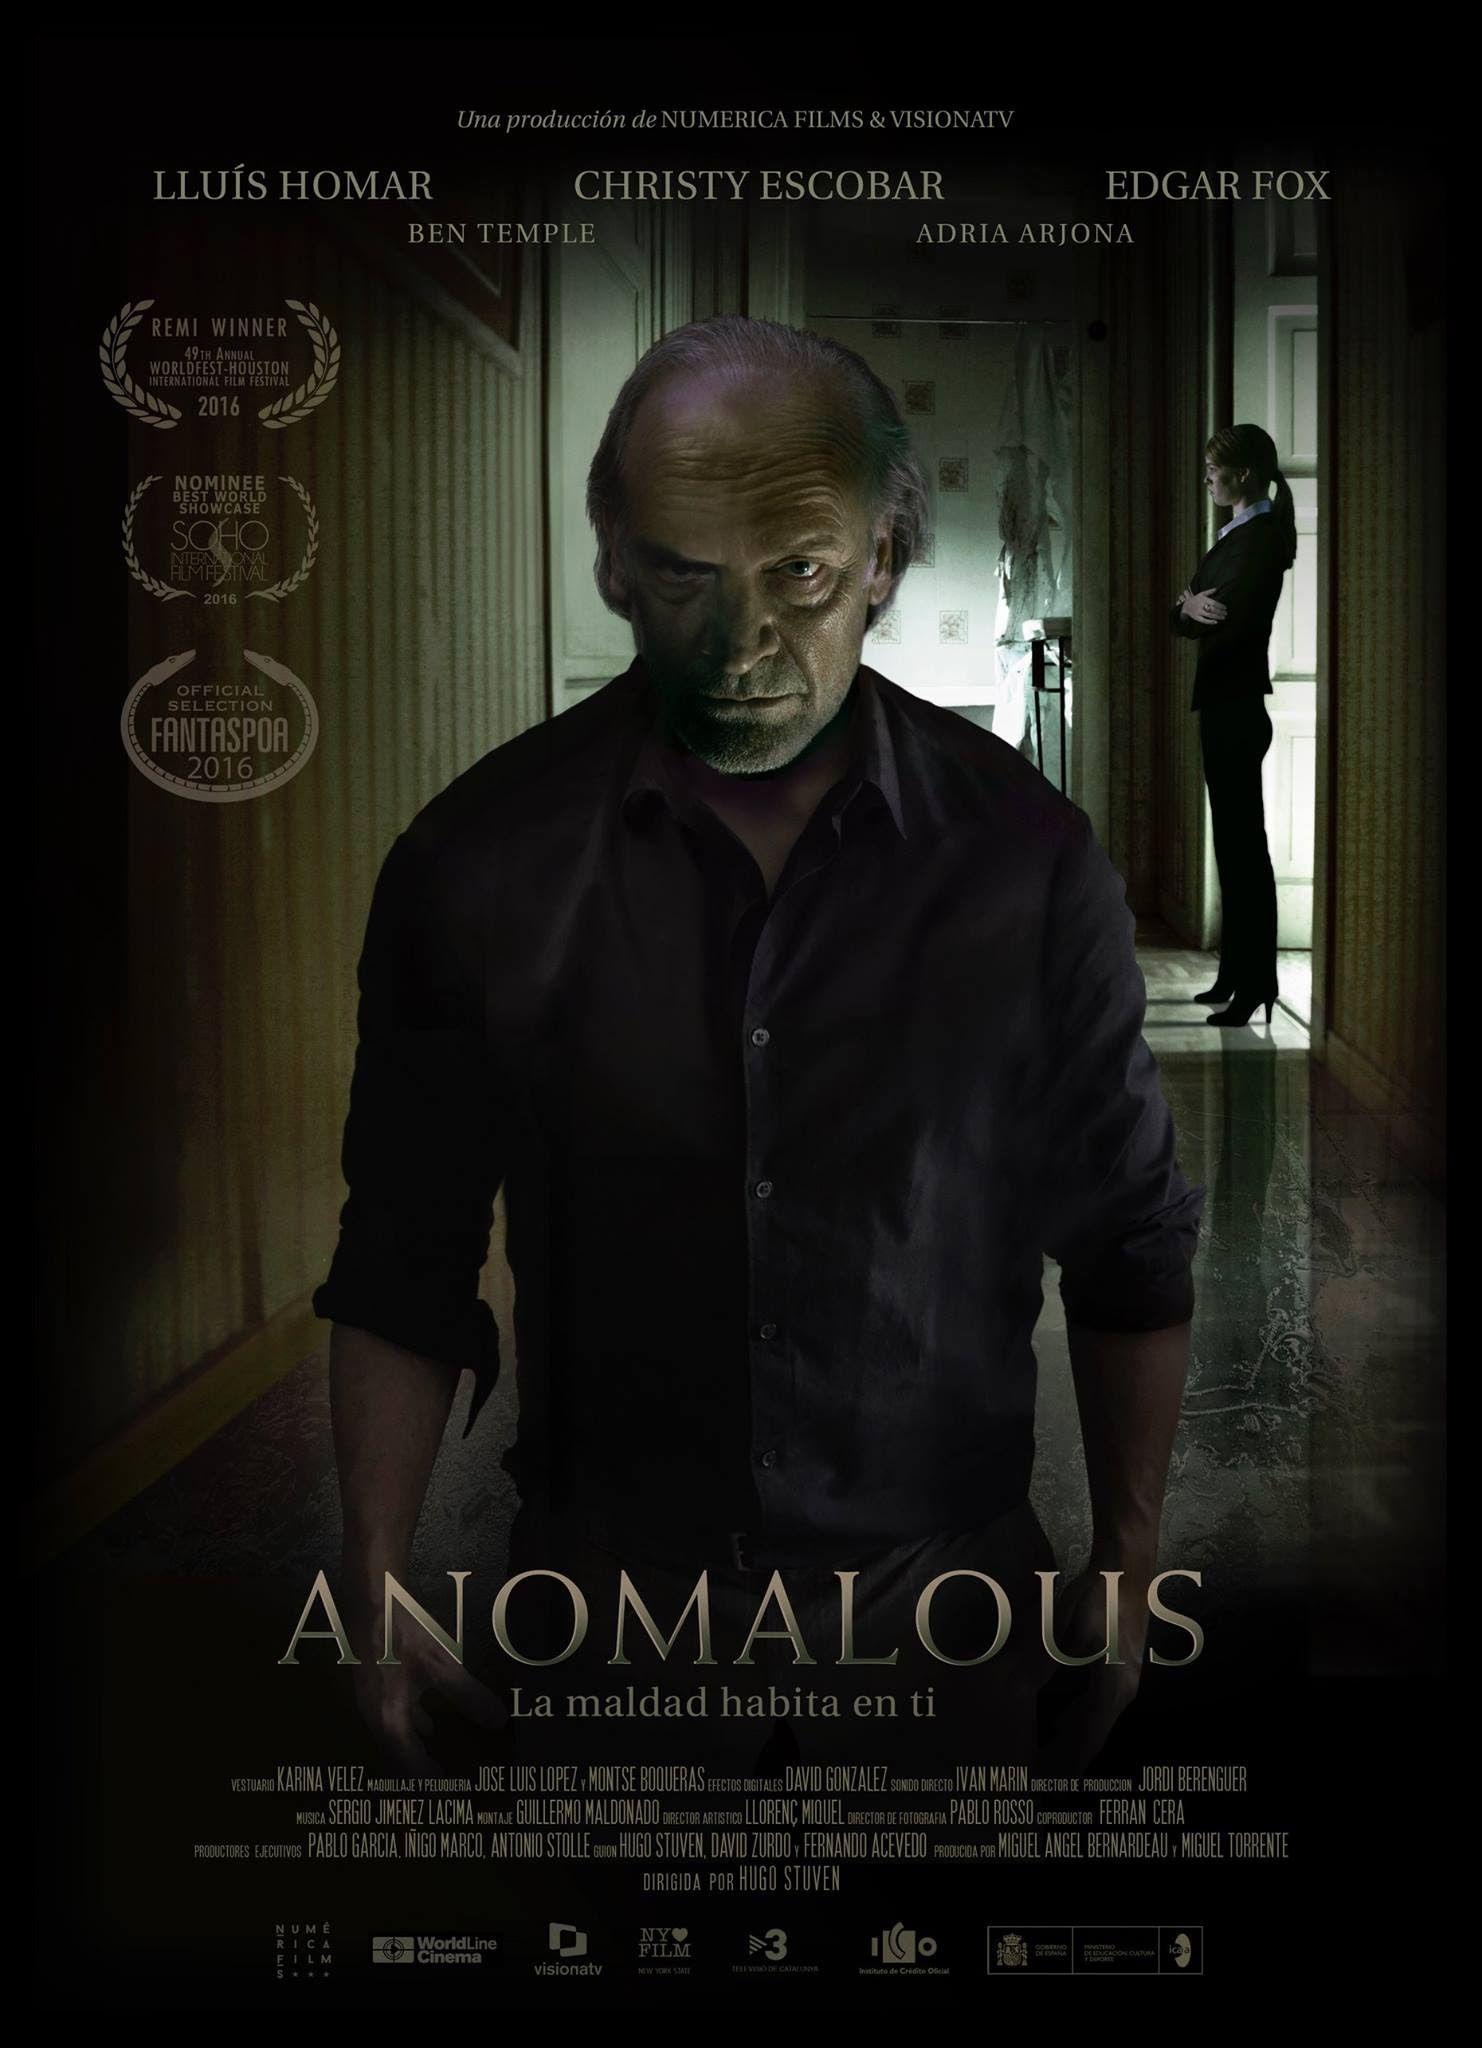 Anomalous Peliculas En Ingles Peliculas En Linea Peliculas De Drama